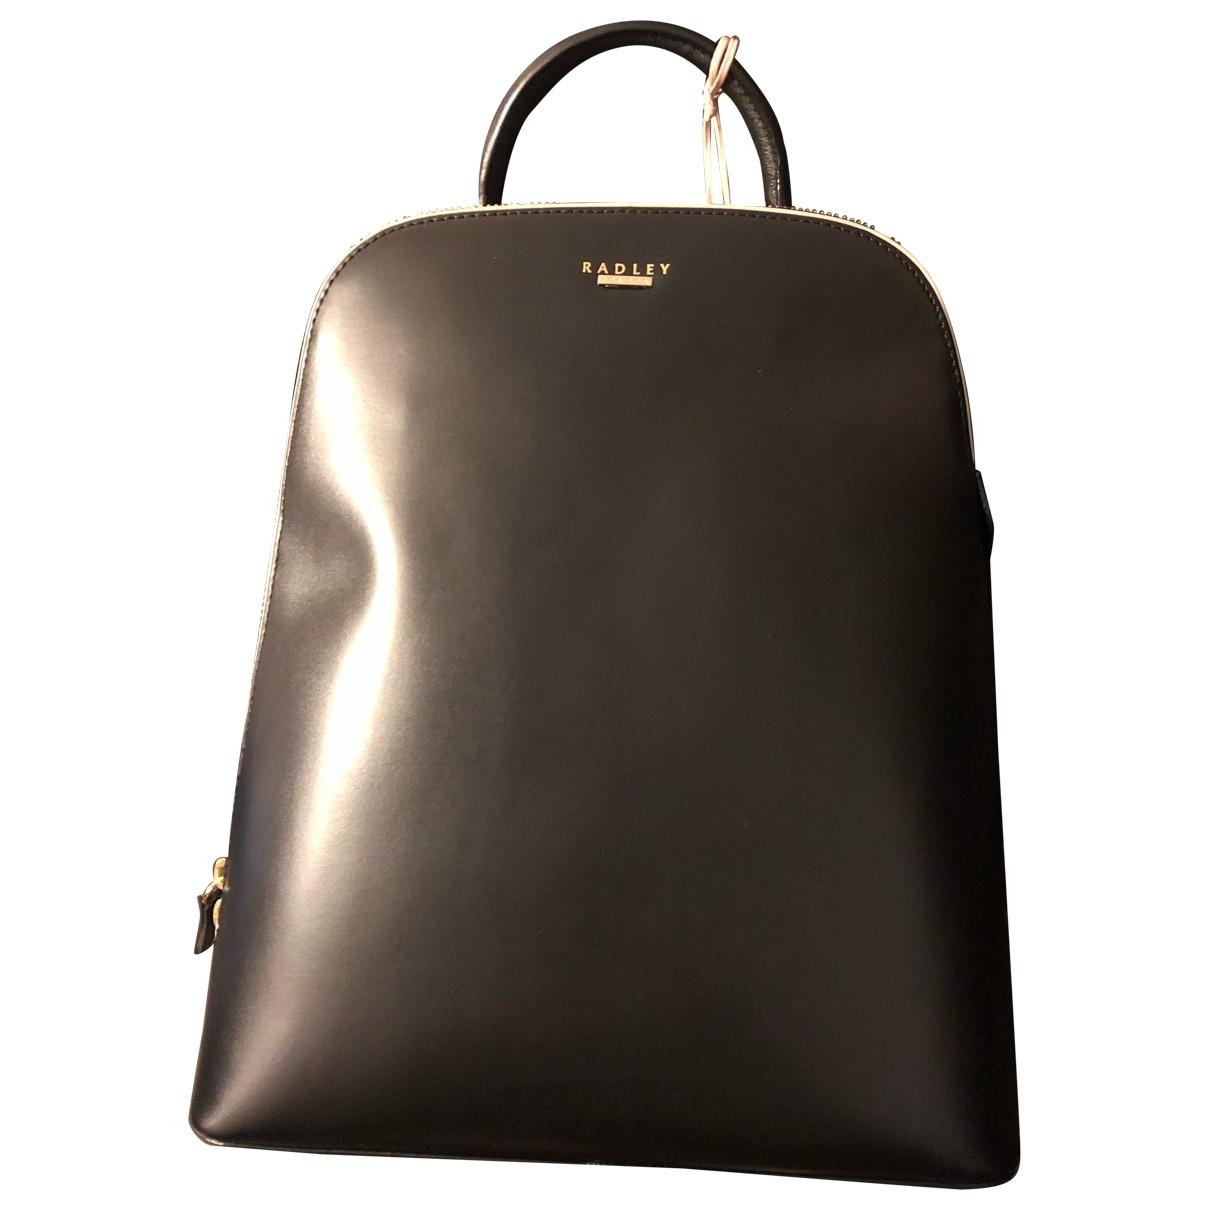 Radley London \N Black Leather backpack for Women \N